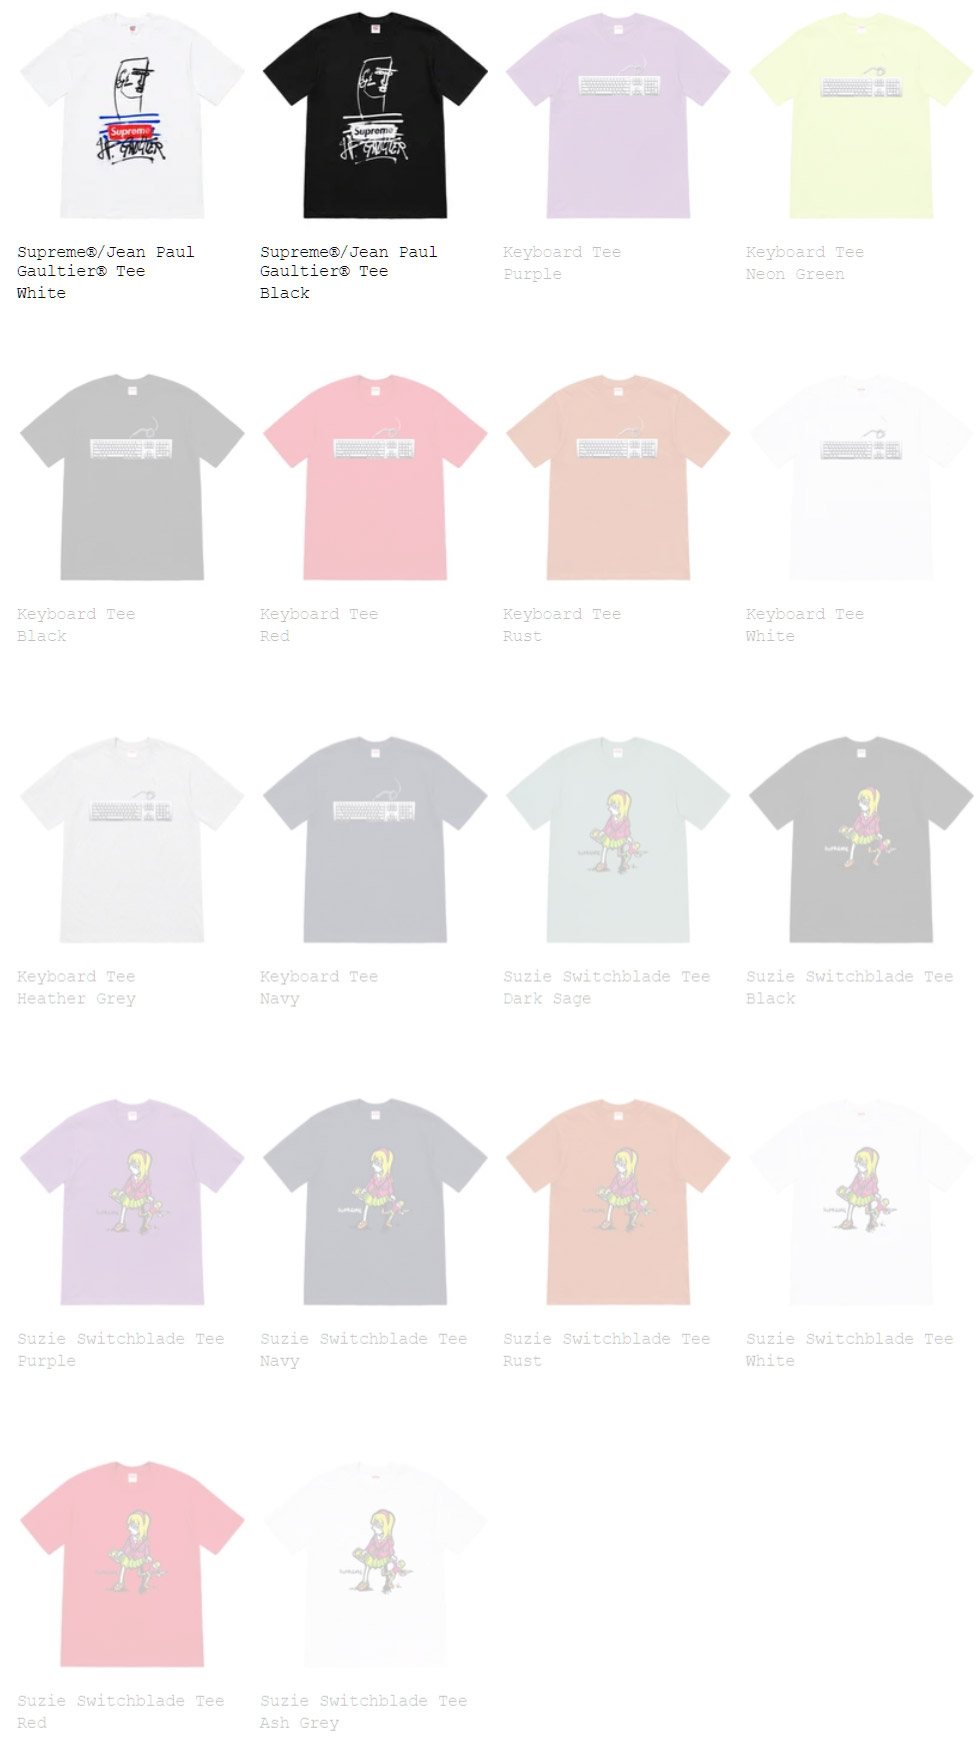 Supreme シュプリーム ゴルチエコラボ 2019ss 19ss week7 オンライン配置 Tシャツ